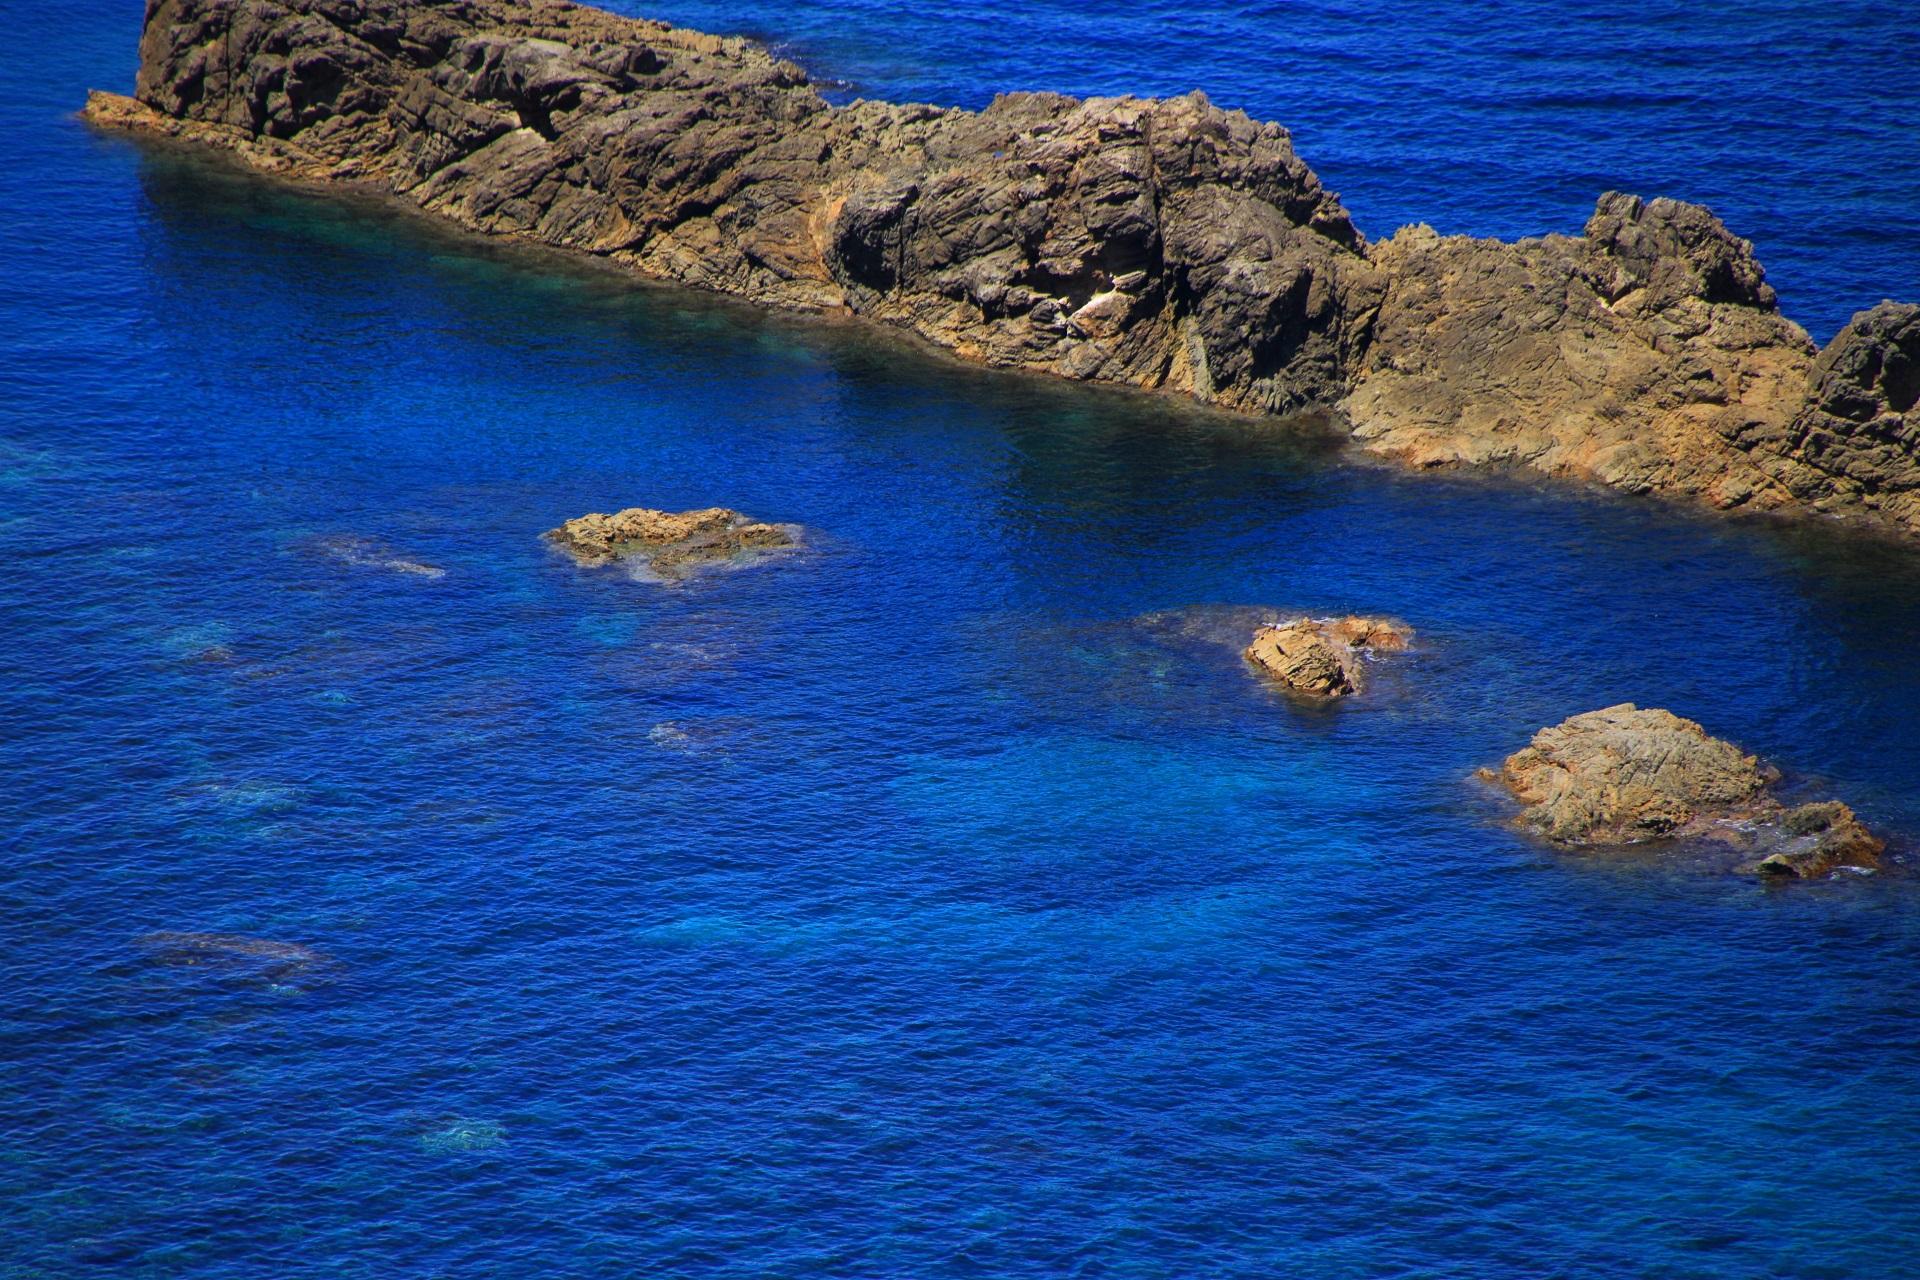 見事な青色の海と一文字の岩